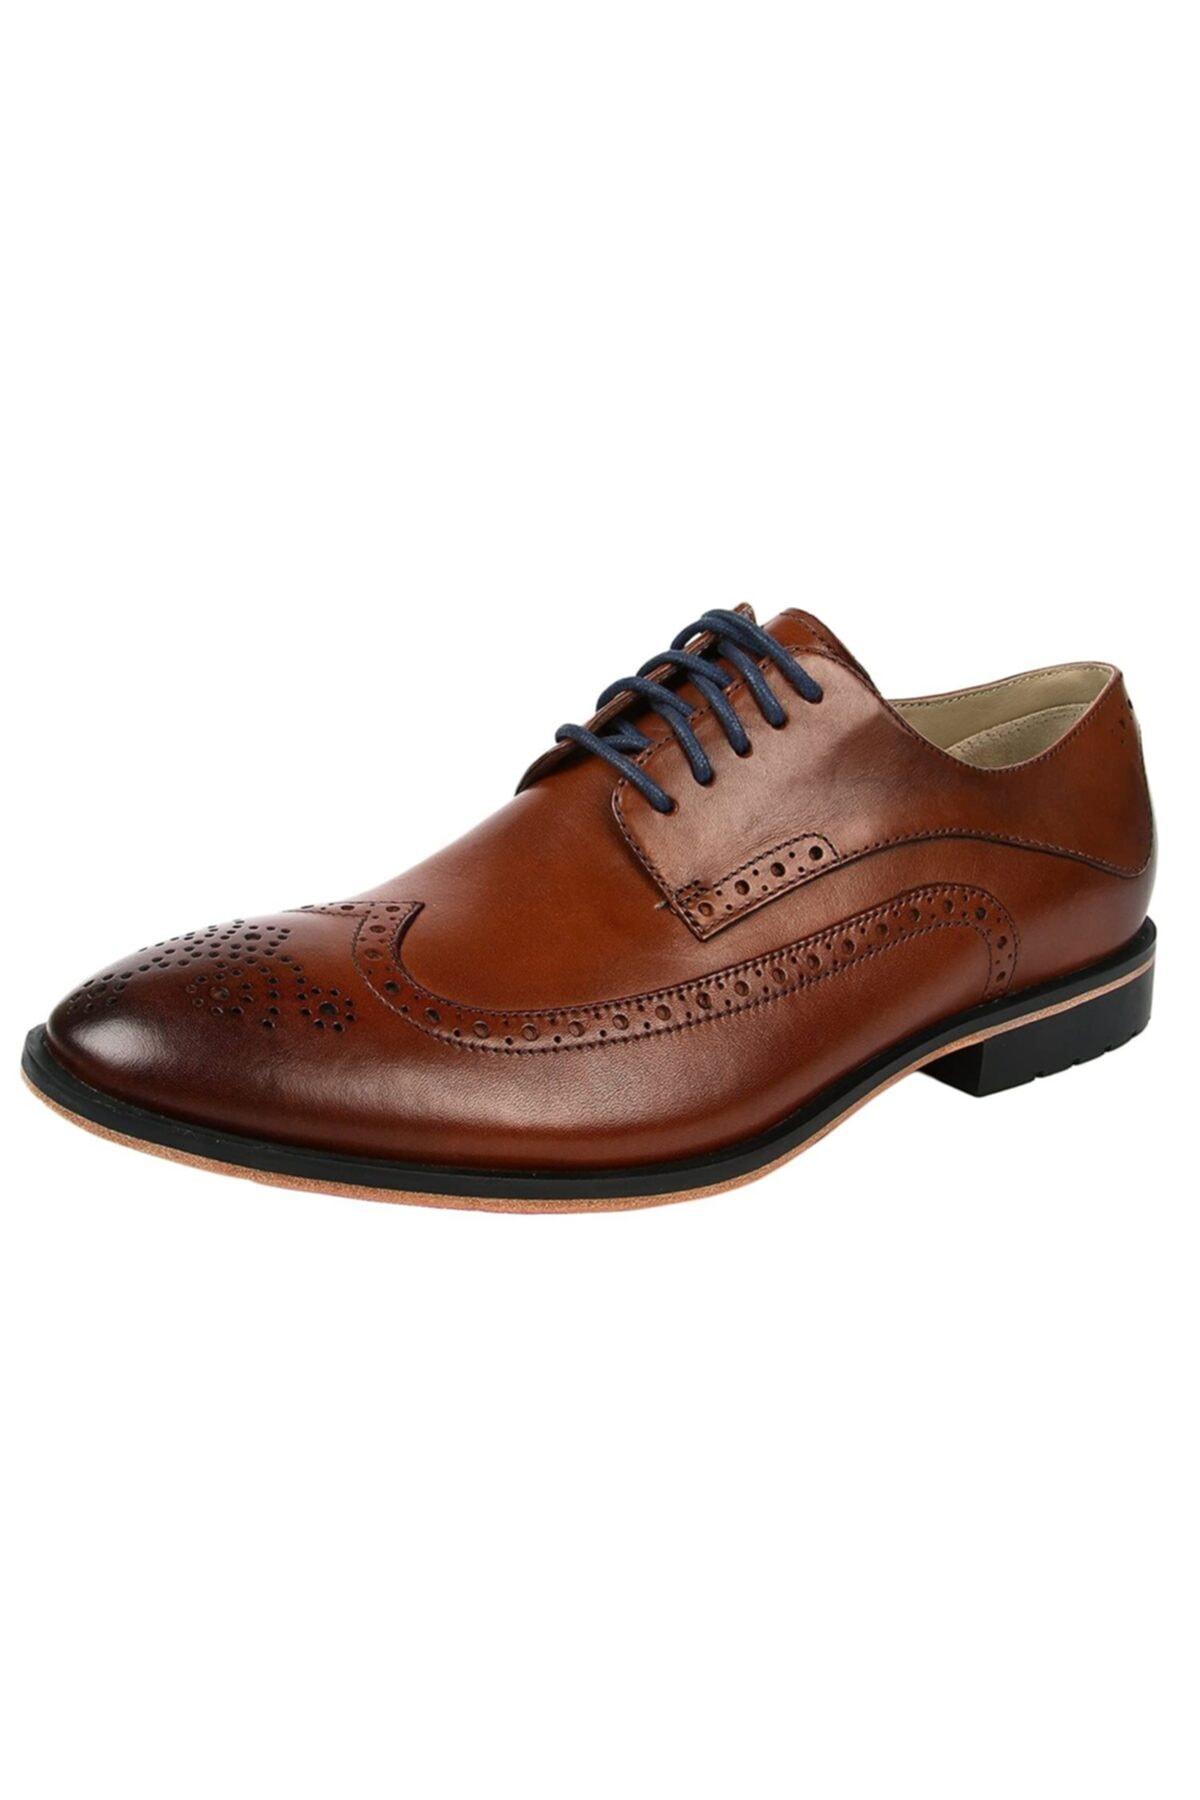 CLARKS Erkek Ayakkabı Bağcıklı Şık Rahat Gardırop Favorisi Ortholite Gatley Limit Tan 2